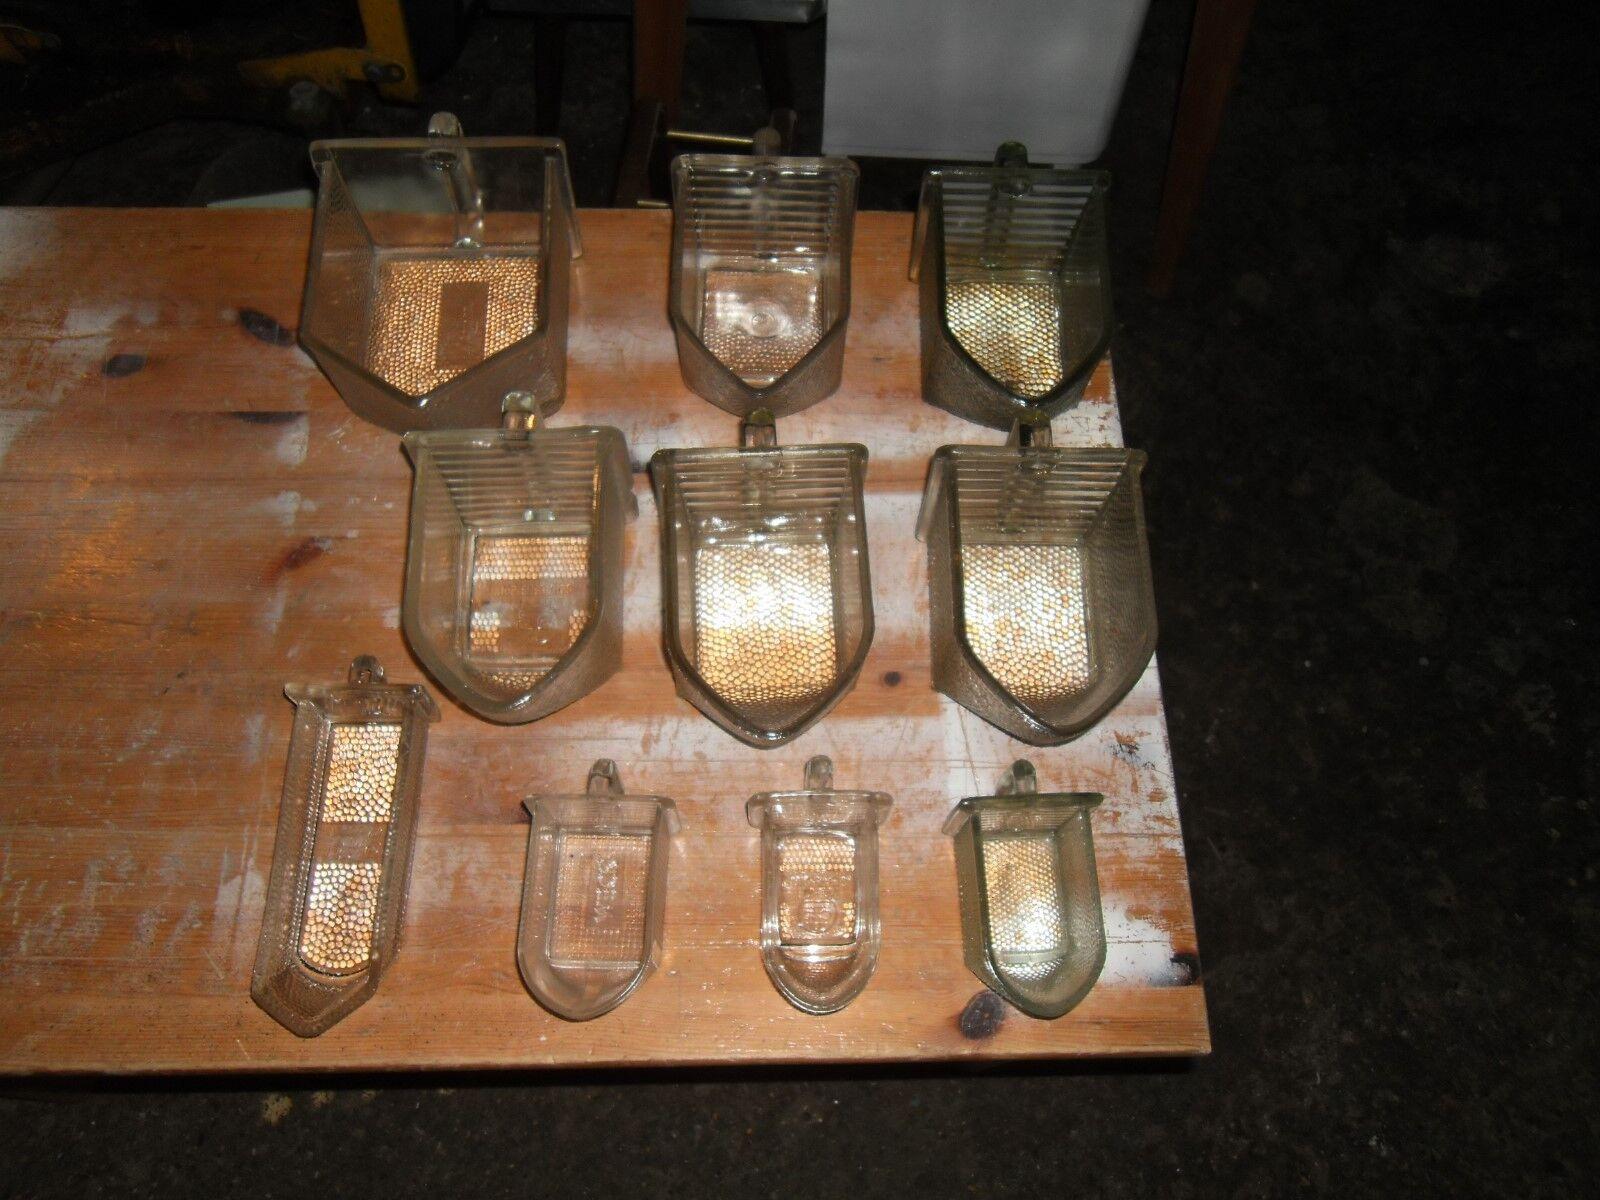 10 Glas Schütten f.Vintage Küchen,40-50 Jahre,gebraucht